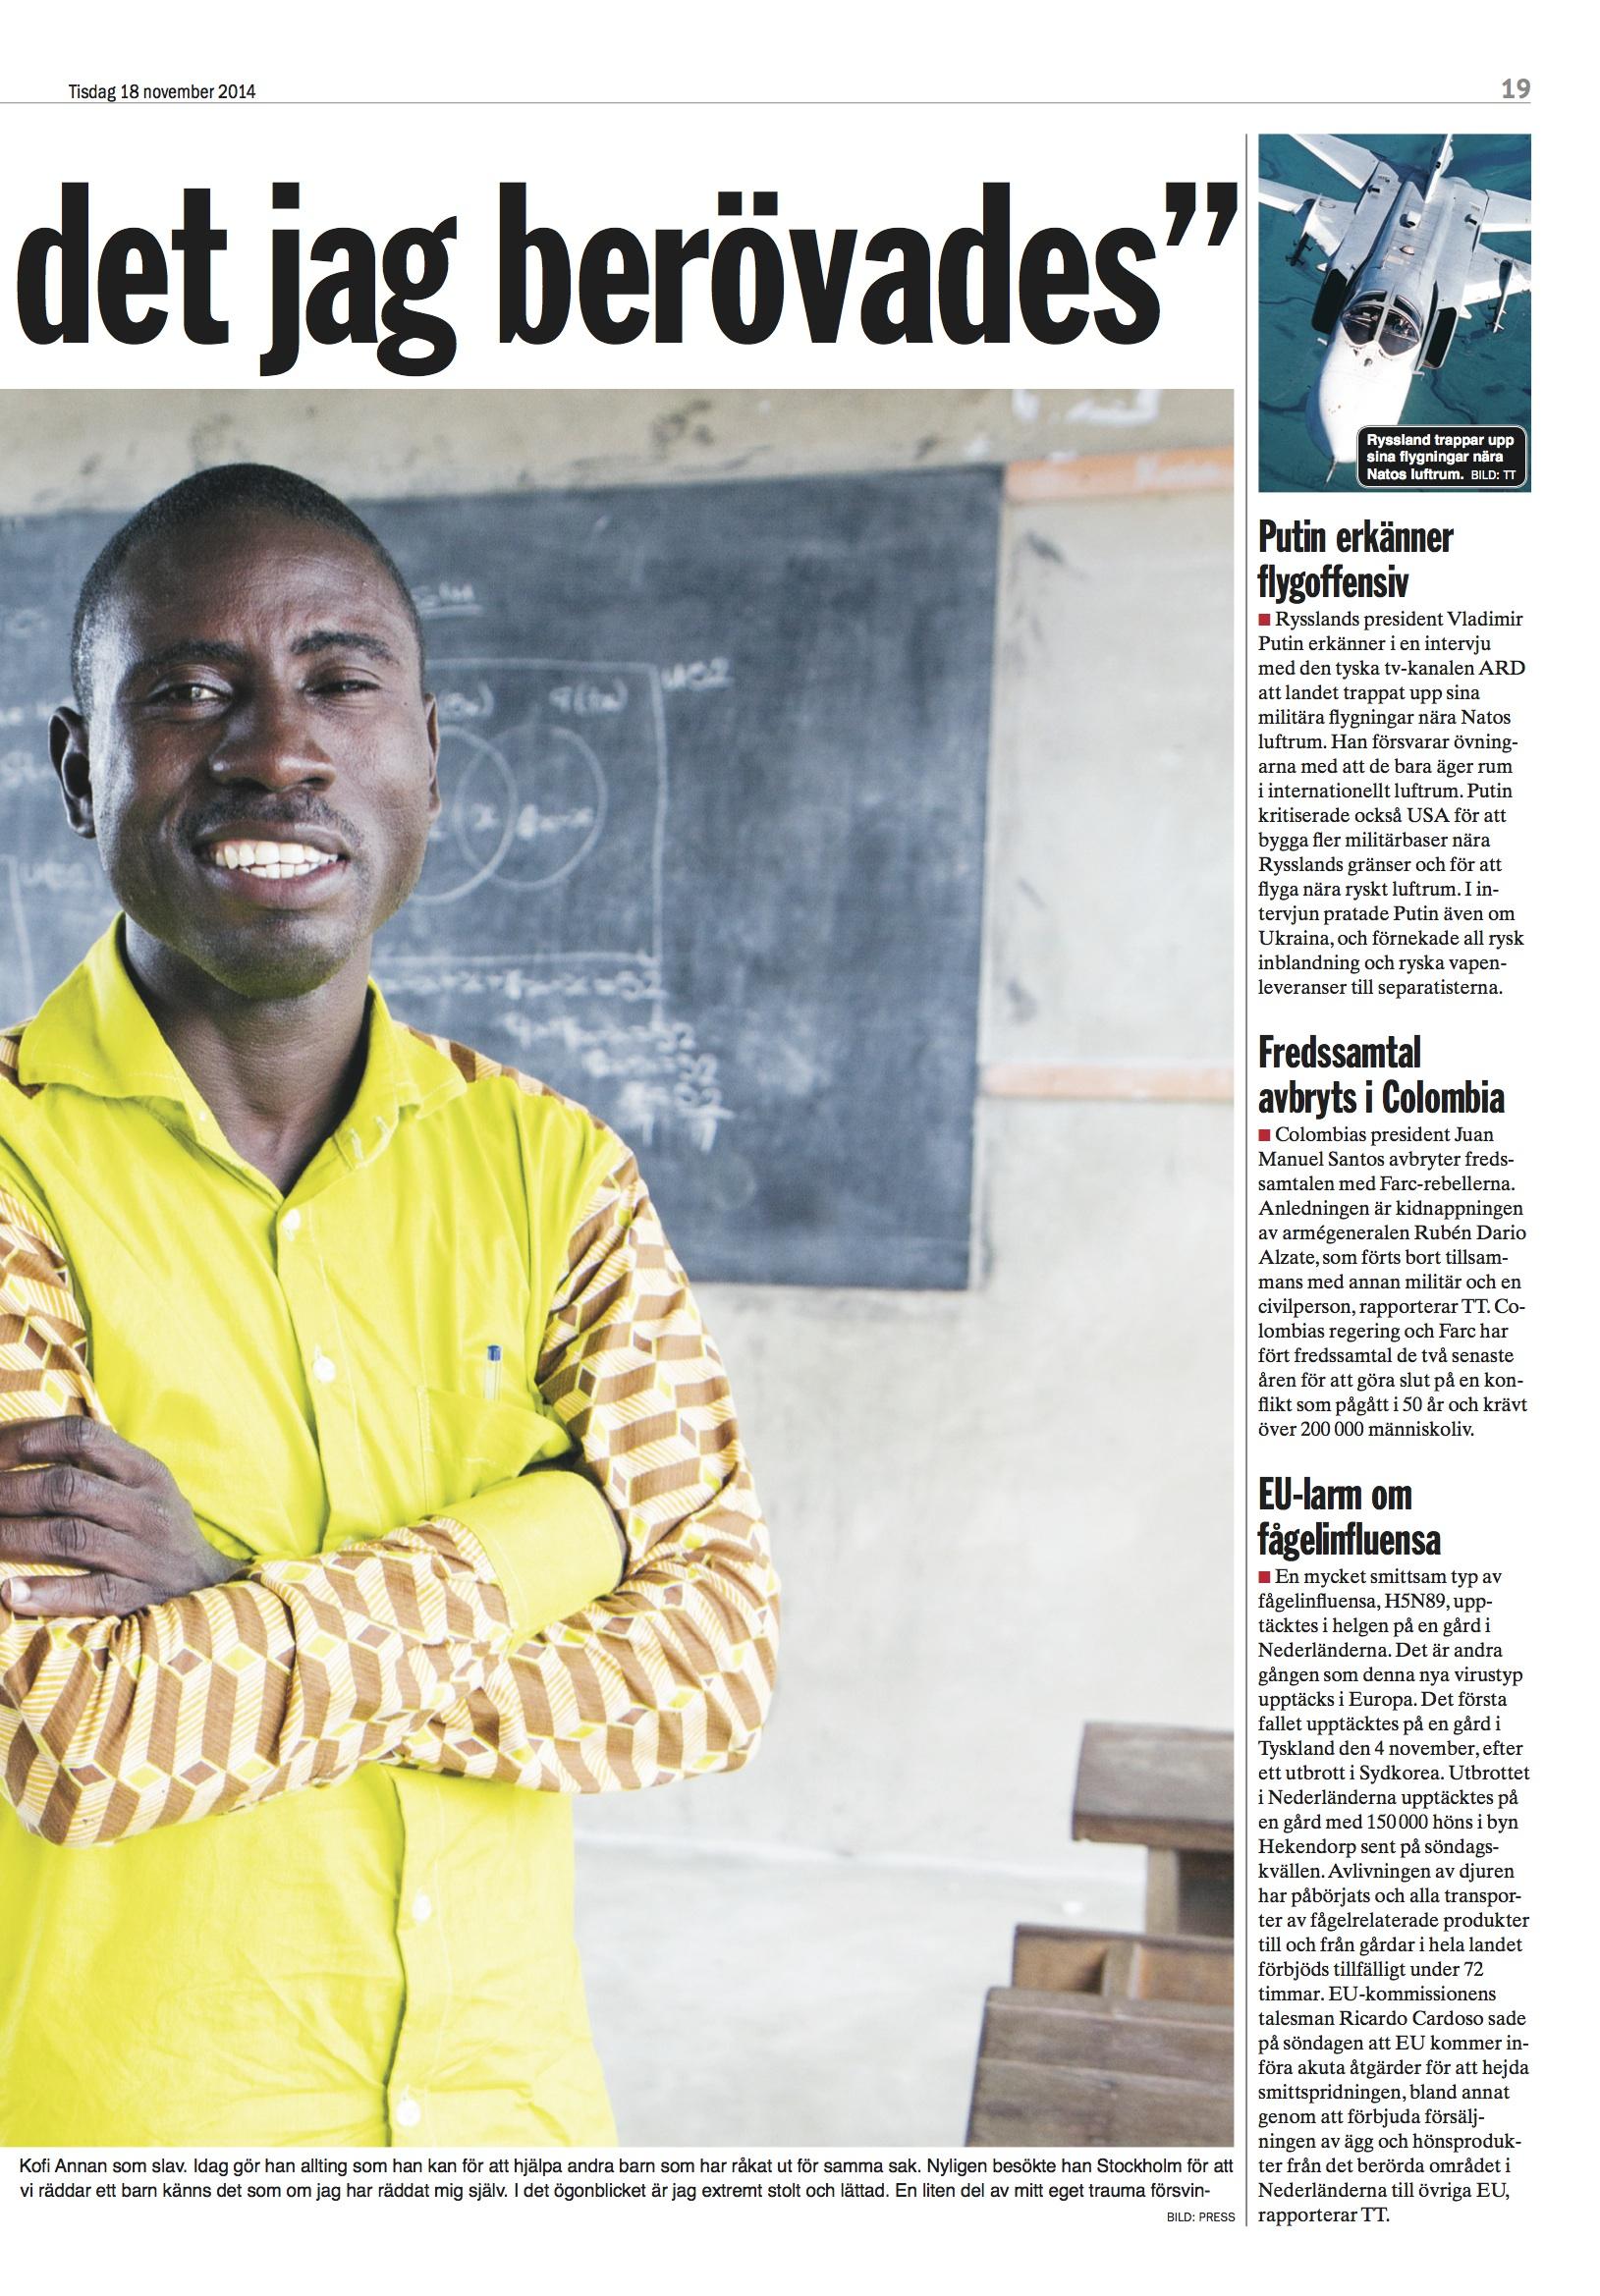 ETC James Kofi Annan.jpg